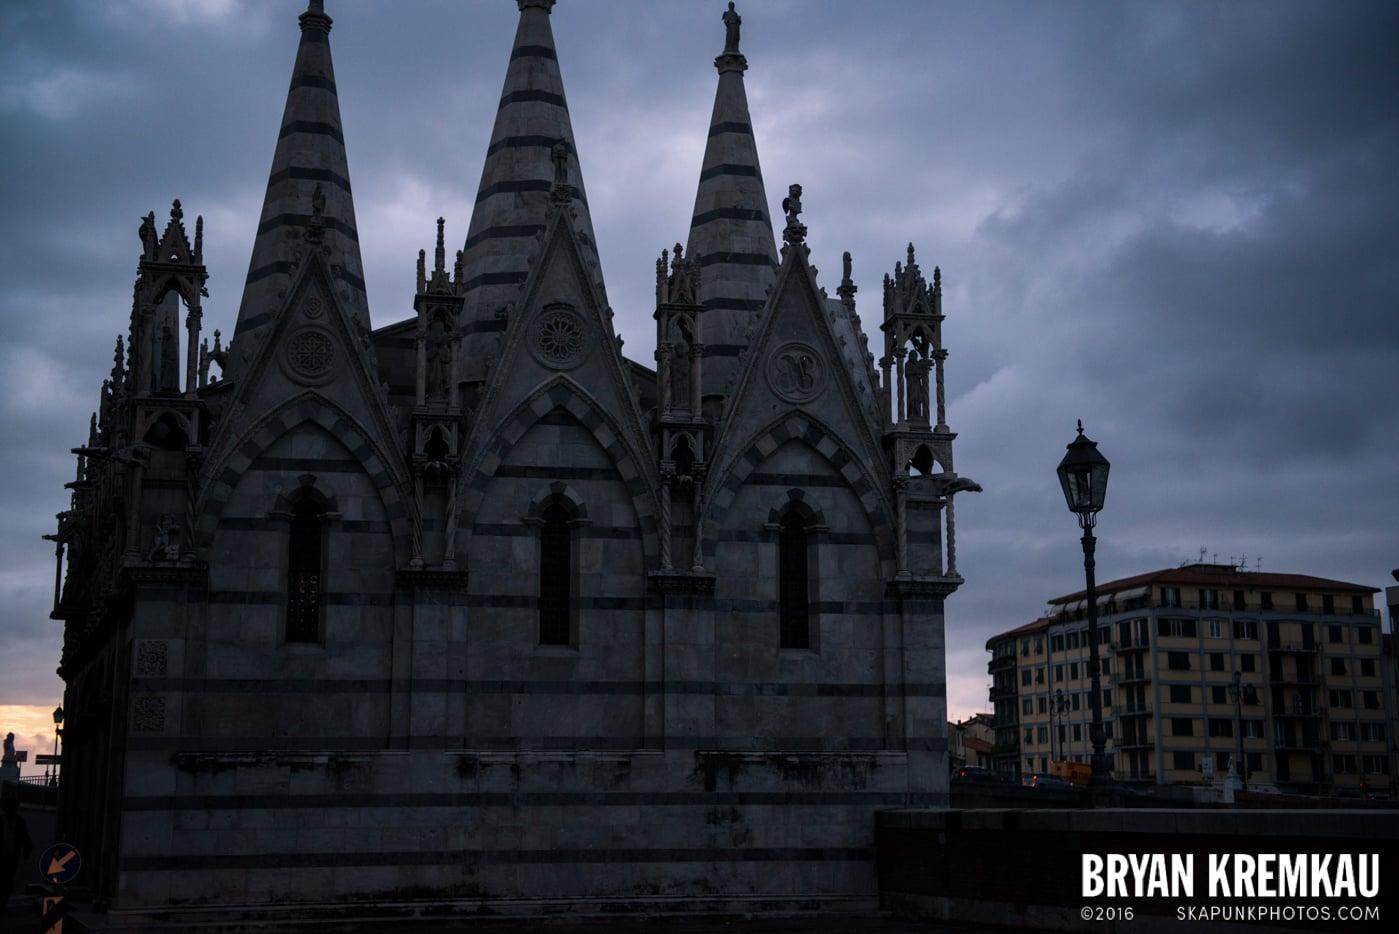 Italy Vacation - Day 8: Siena, San Gimignano, Chianti, Pisa - 9.16.13 (5)